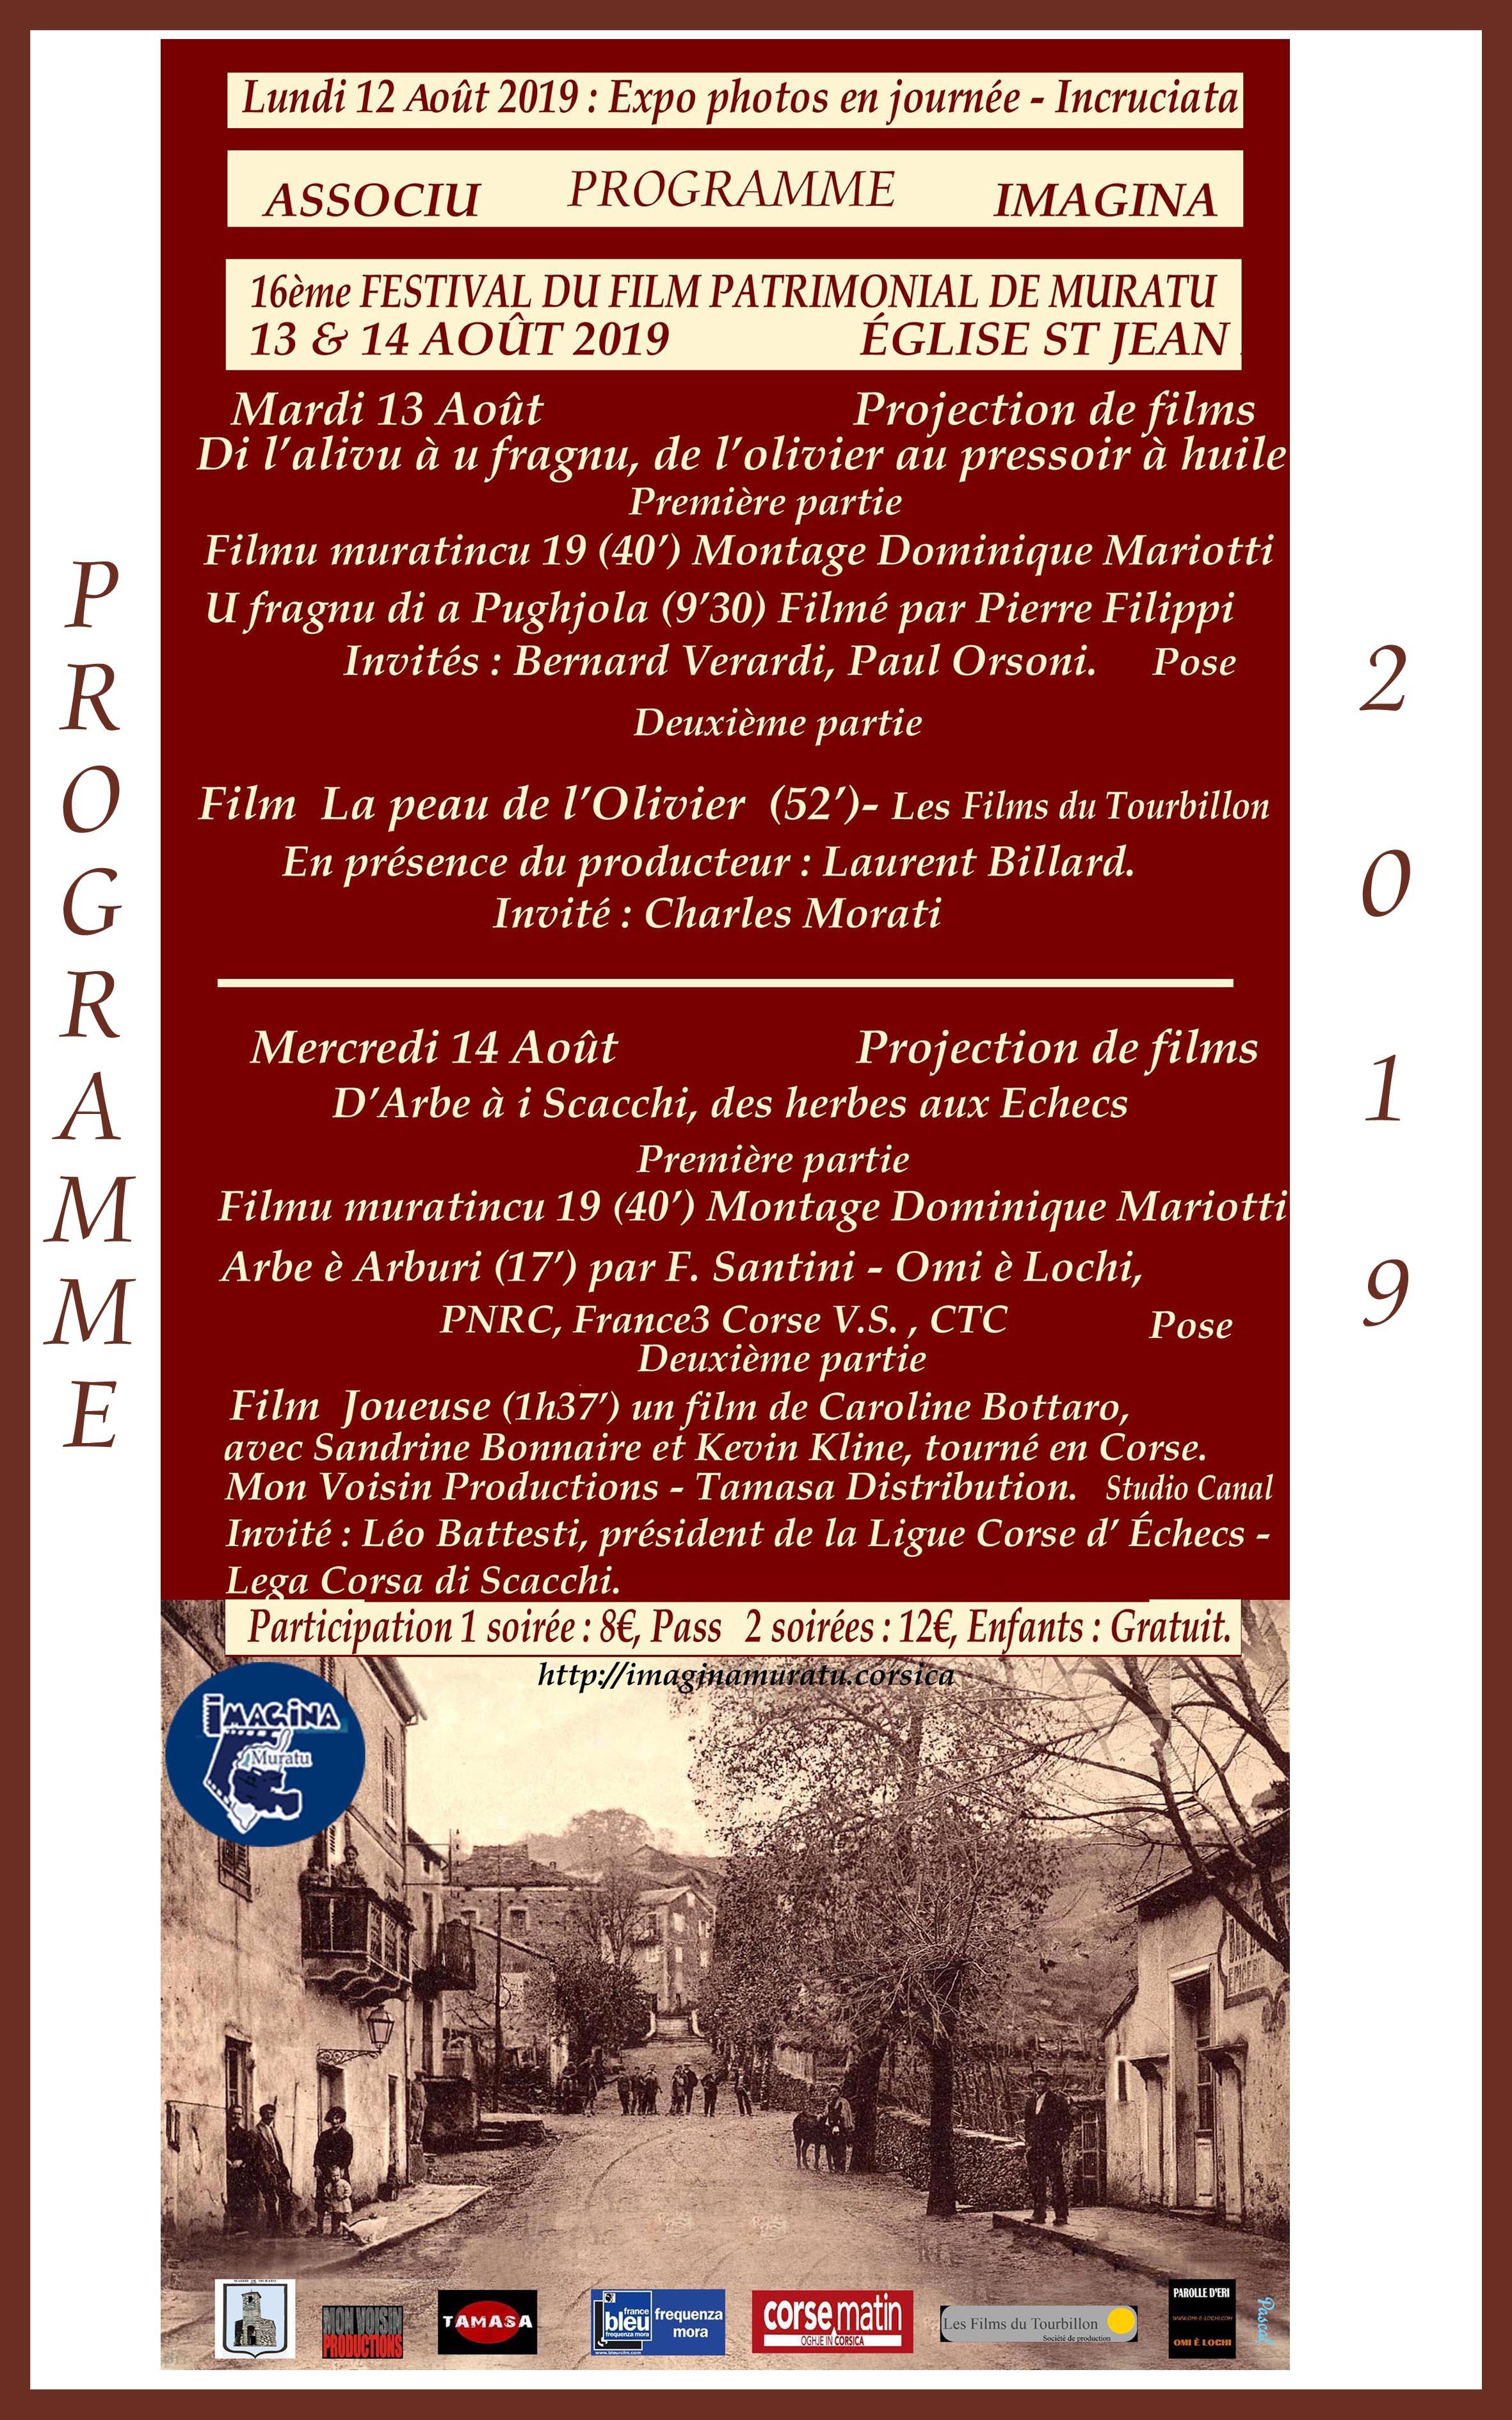 """Le film """"Joueuse"""" diffusé au festival du Film Patrimonial de Muratu le mercredi 14 août à 21h"""